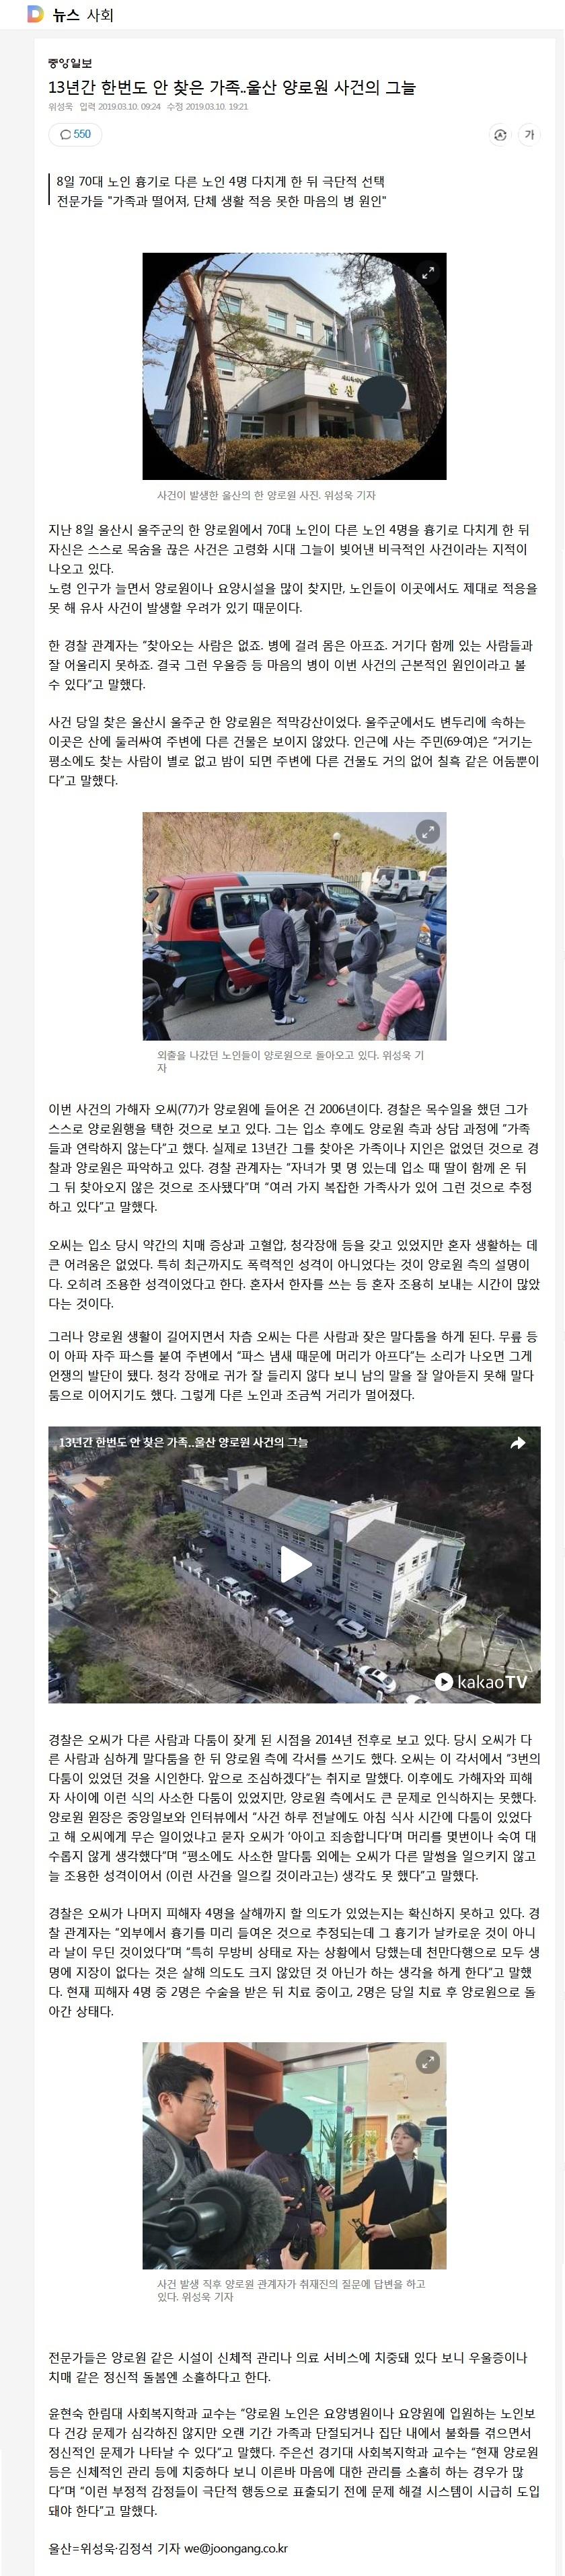 중앙일보 - 13년간 한번도 안 찾은 가족... 울산 양로원 사건의 그늘.jpg